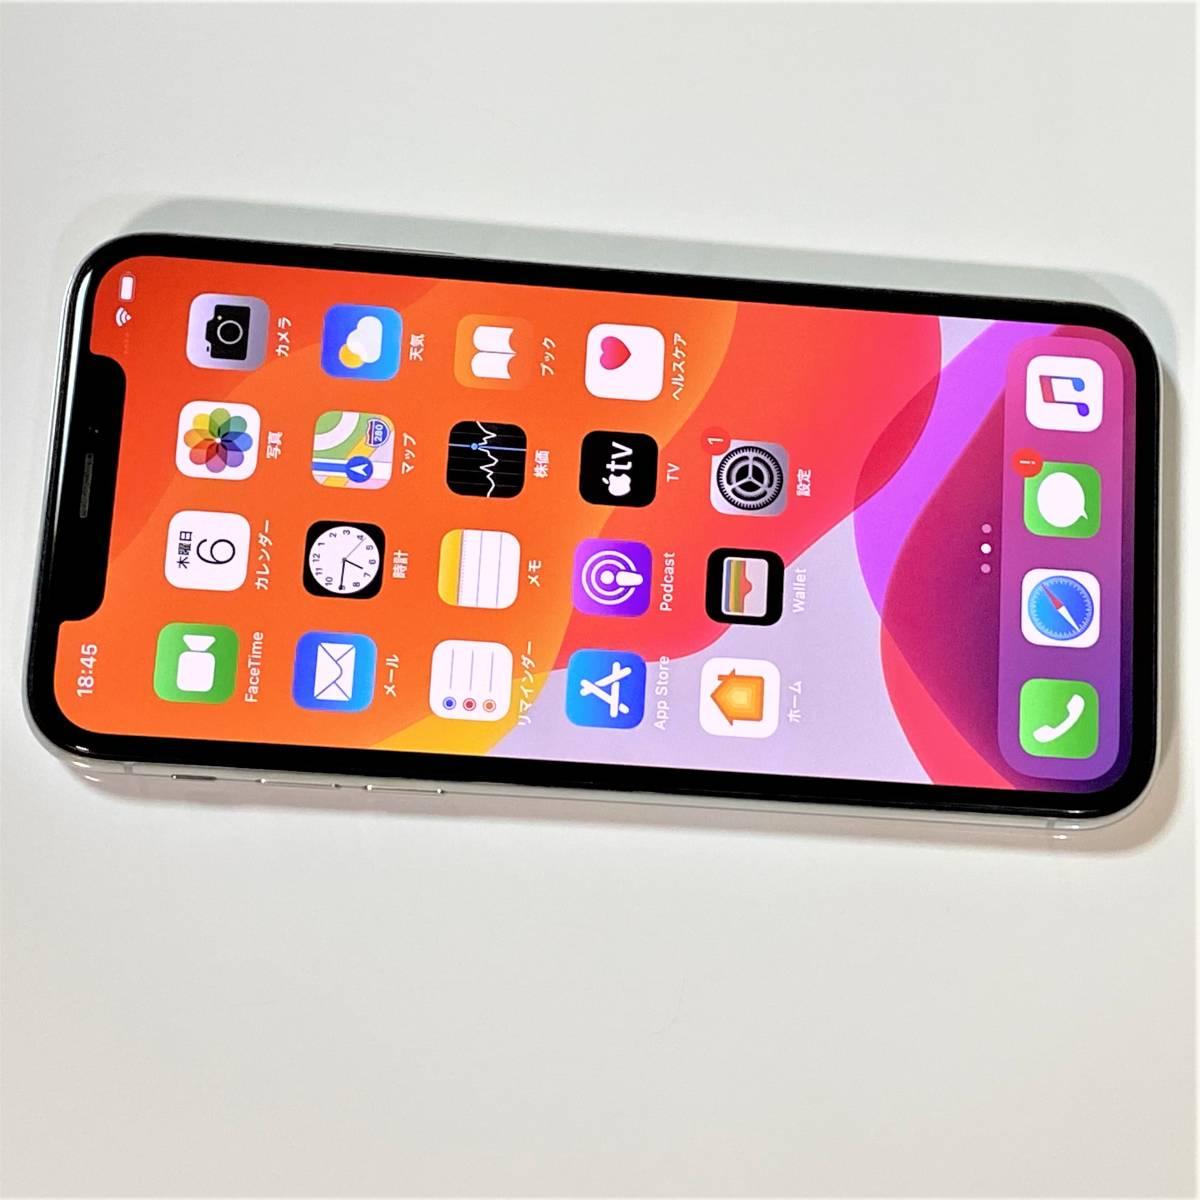 SIMフリー iPhone X シルバー 64GB MQAY2J/A バッテリー最大容量92% docomo 格安SIM MVN